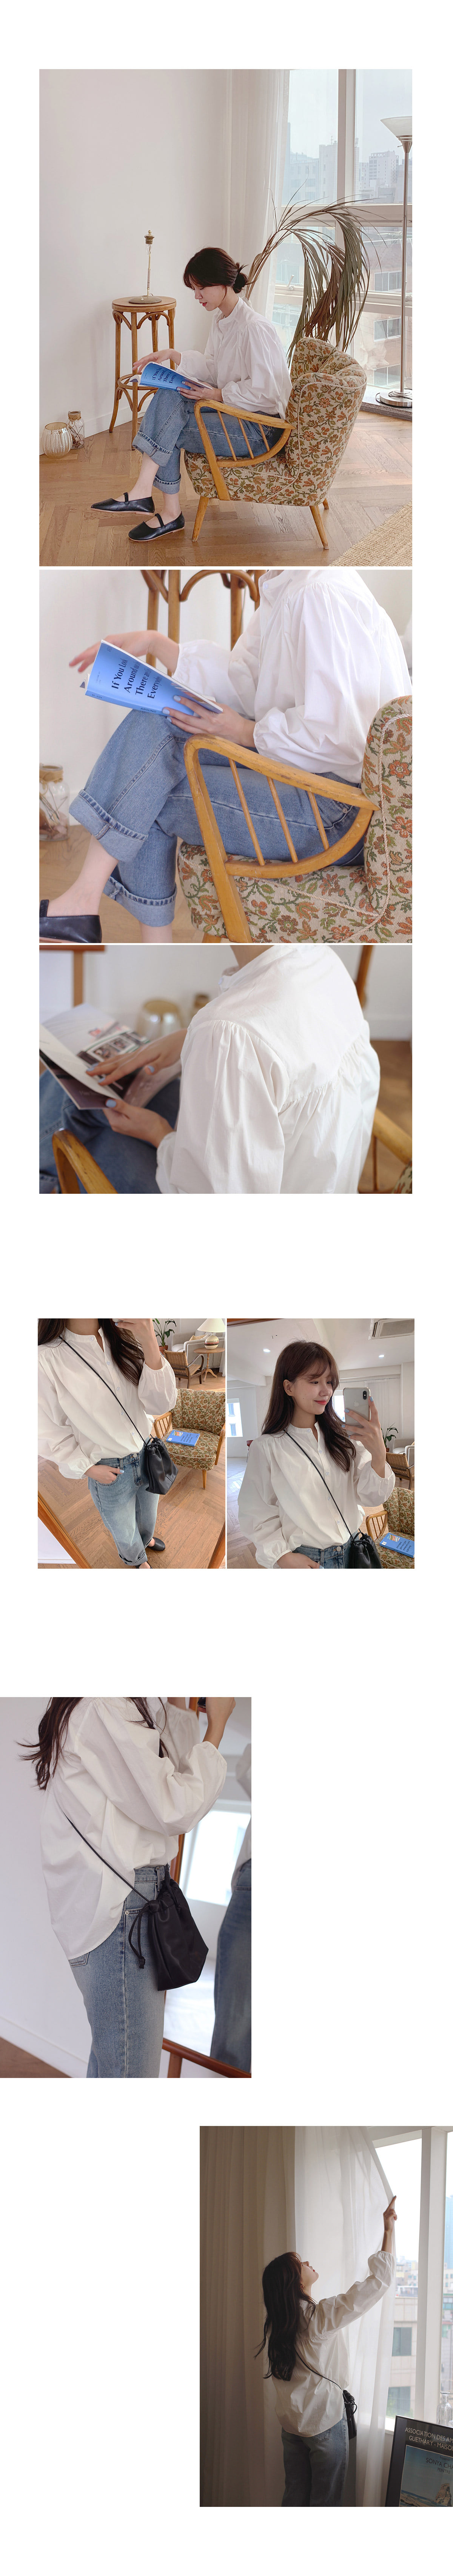 Flying blouse